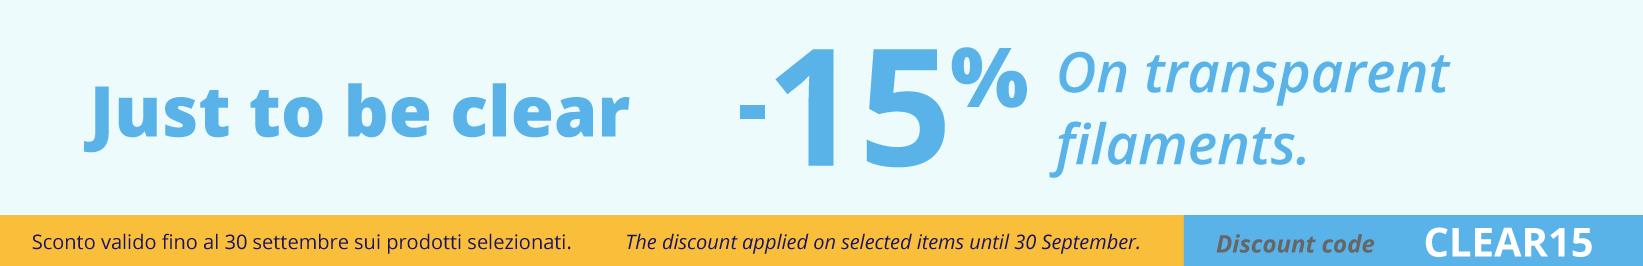 15% discount on trasparent filaments